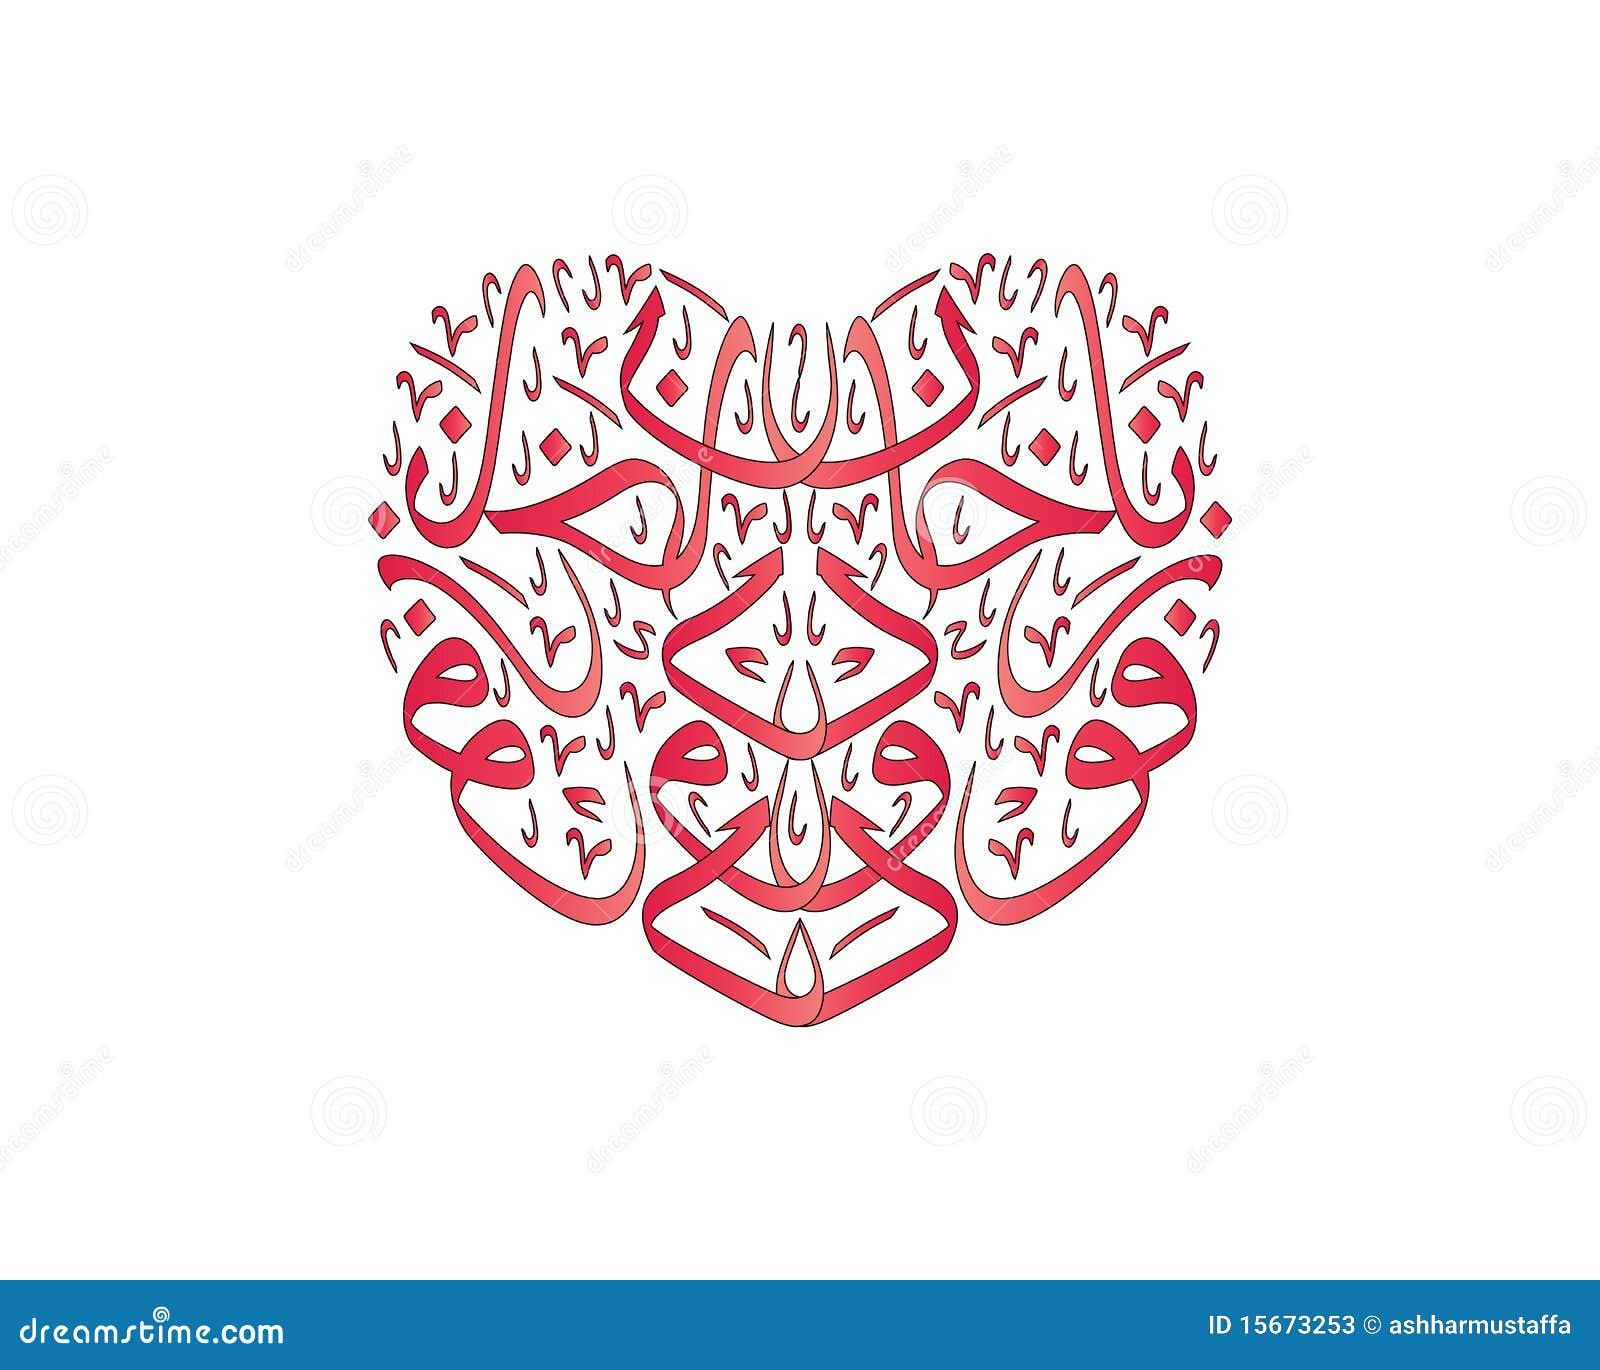 arabische w rter in einer liebes form stock abbildung bild 15673253. Black Bedroom Furniture Sets. Home Design Ideas